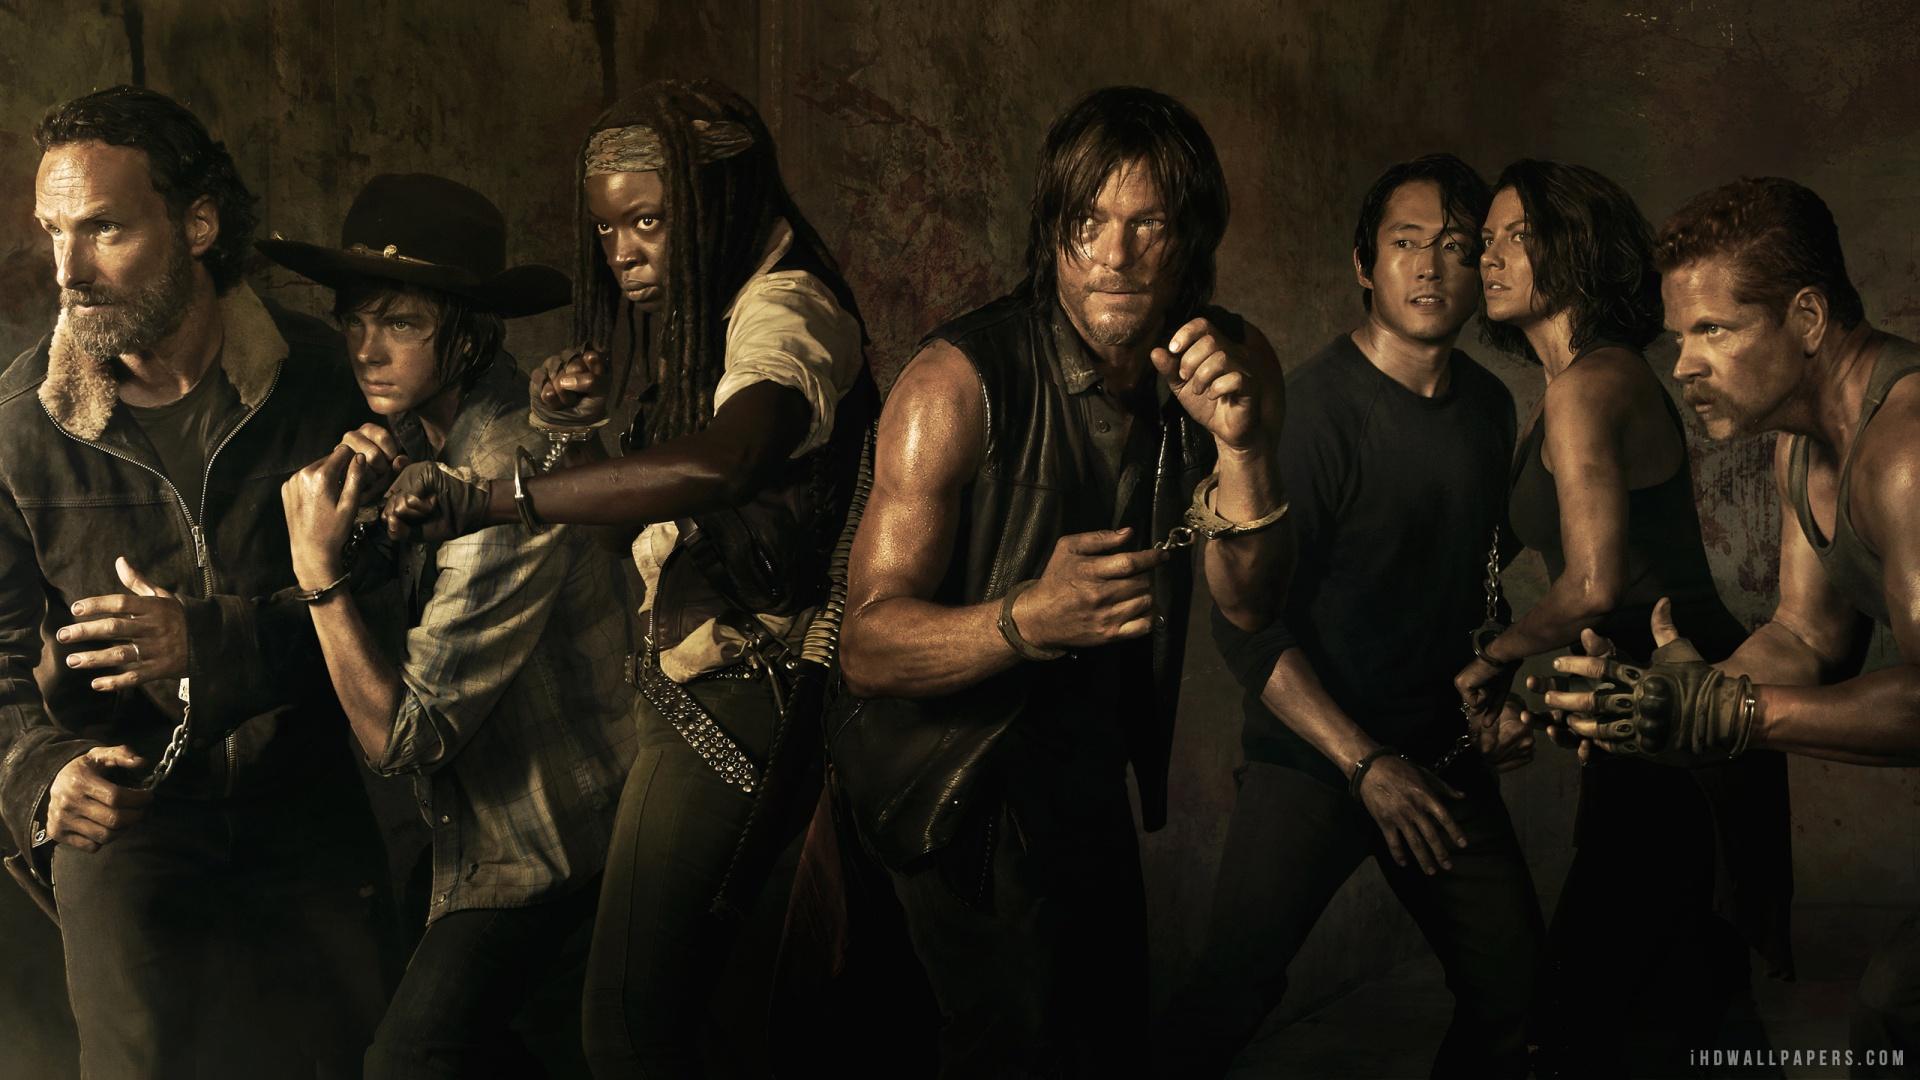 Free Download The Walking Dead Season 5 Poster Hd Wallpaper Ihd